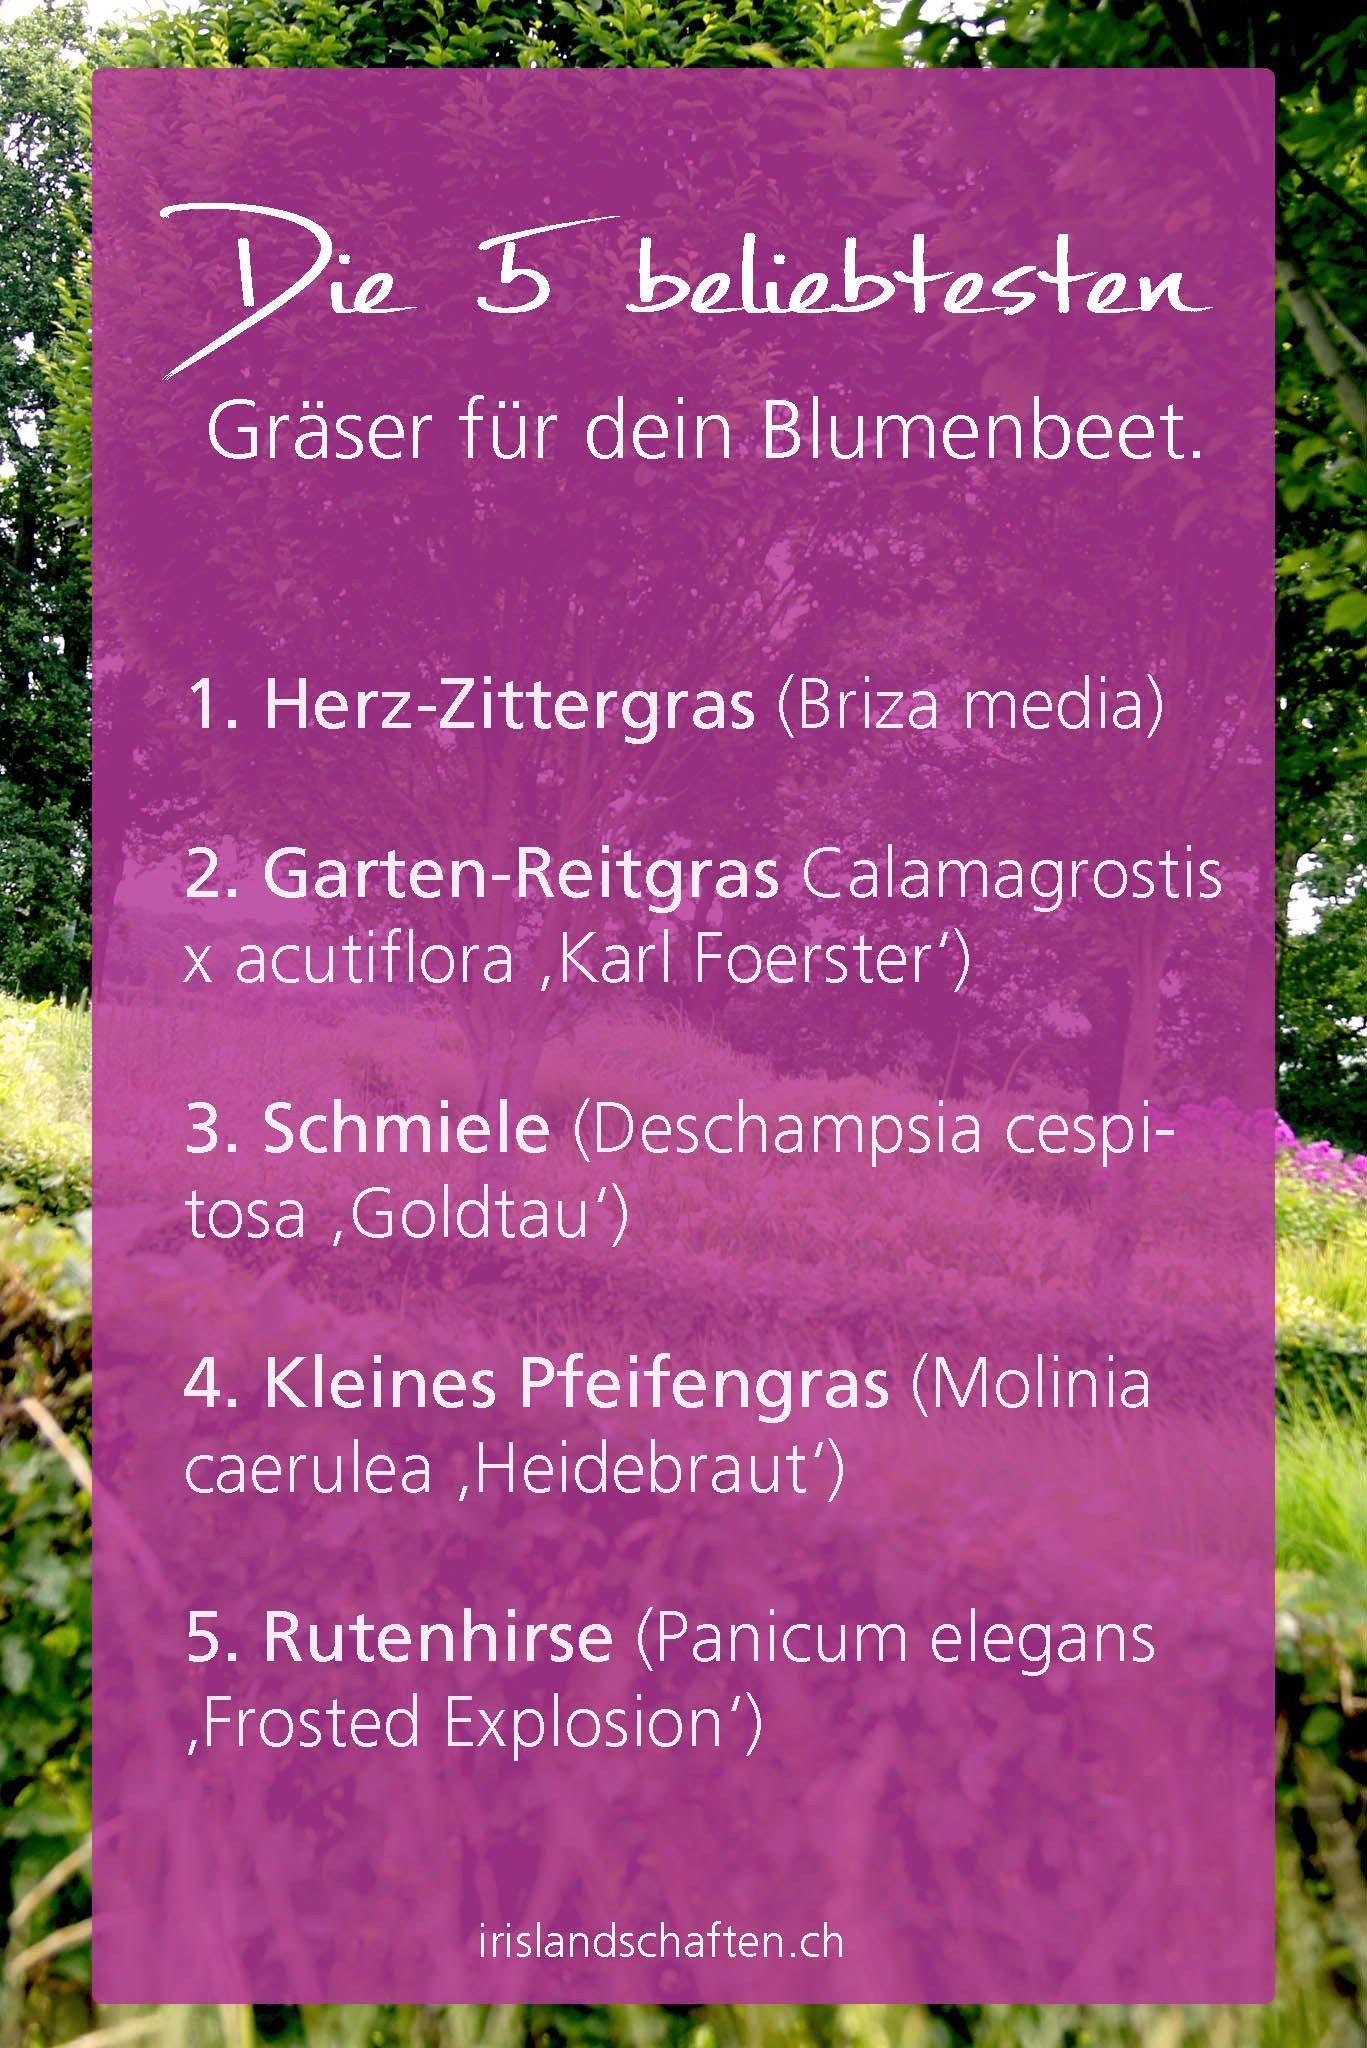 Beet Mit Grasern Gestalten Meine 12 Lieblinge Blumenbeet Gestalten Gras Beete